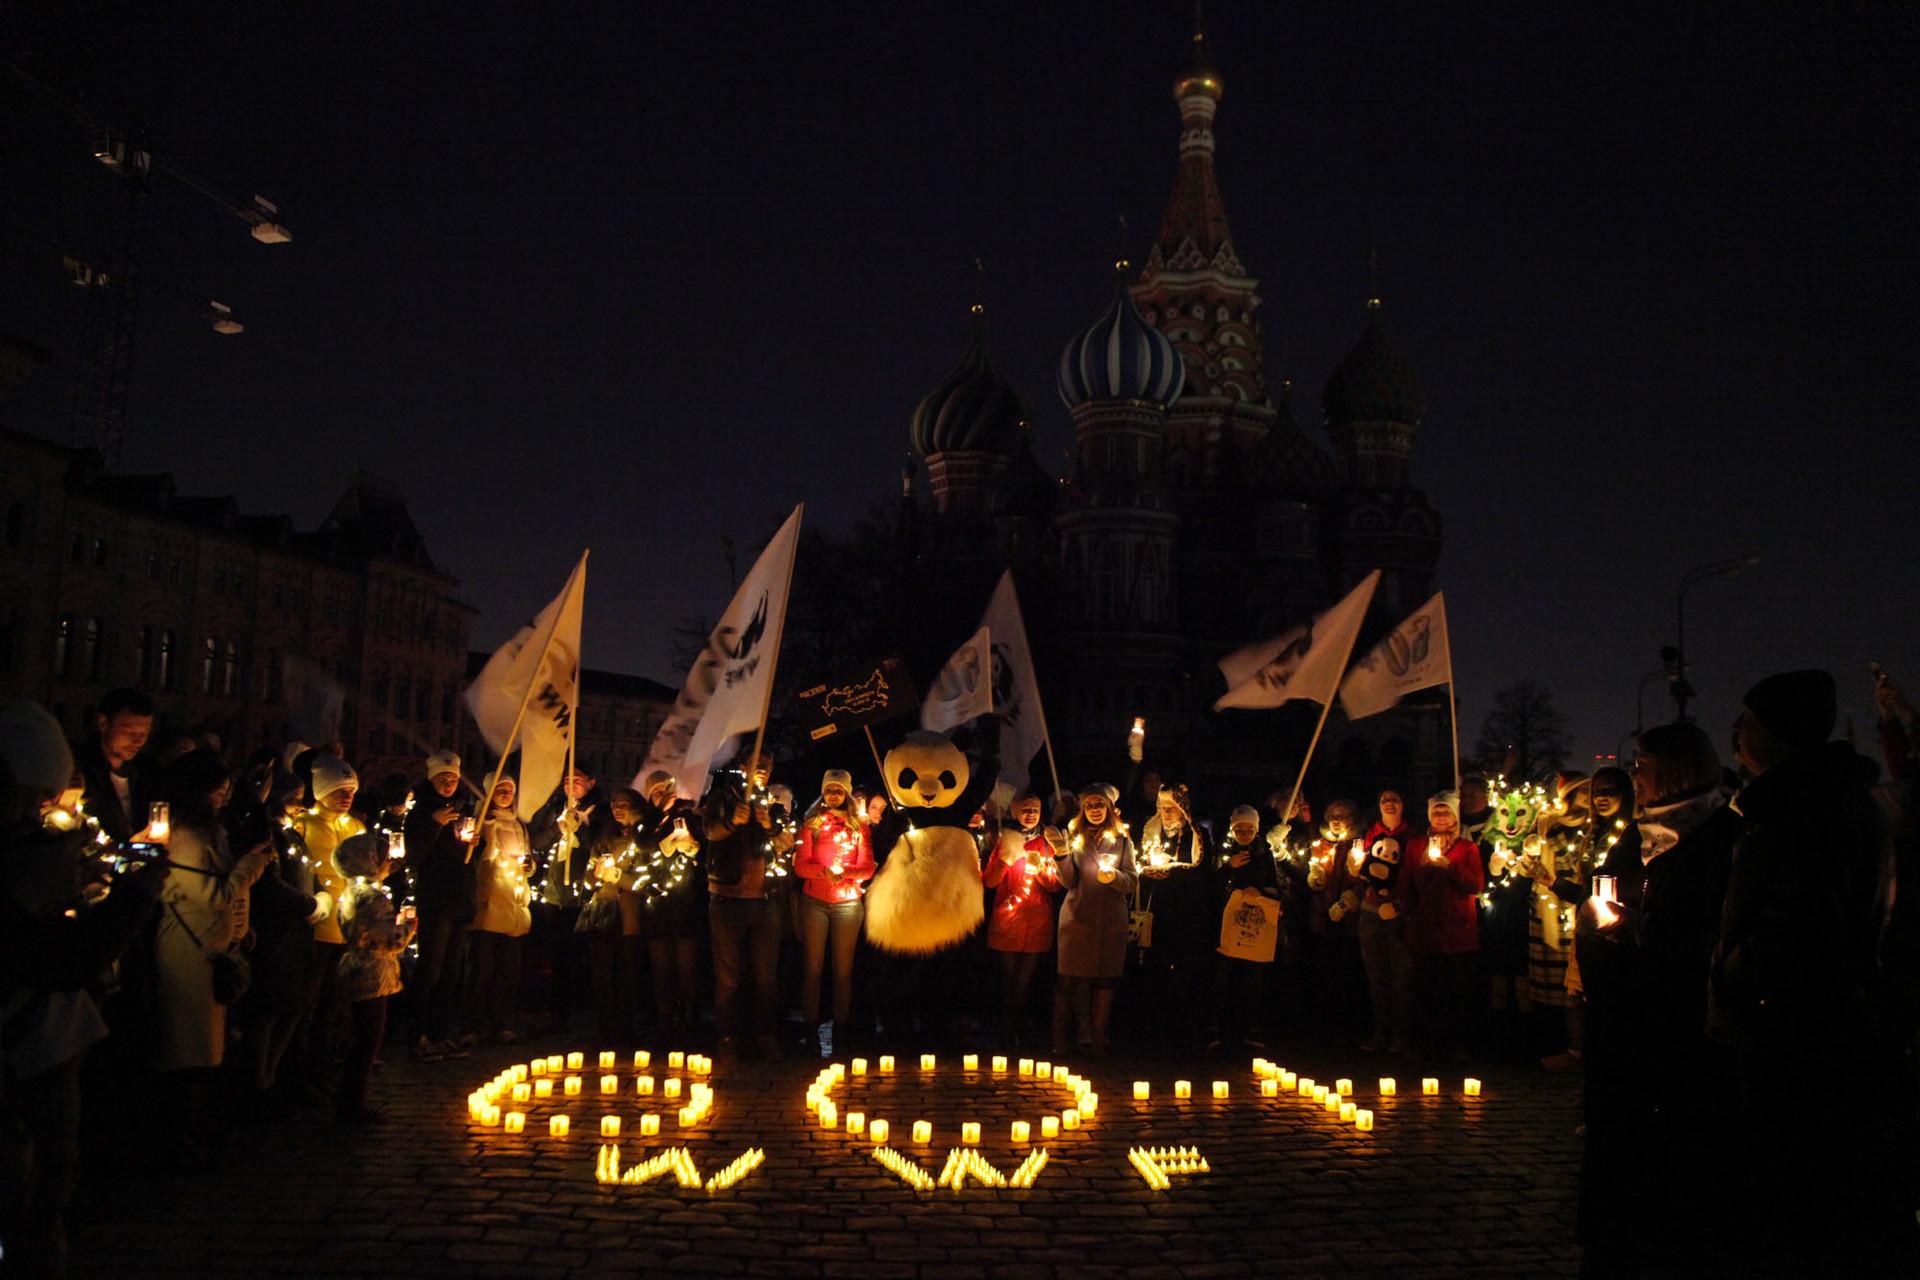 Aktivis dan masyarakat melakukan aksi Earth Hour di depan Katedral Saint Basil saat berlangsung pemadaman lampu.